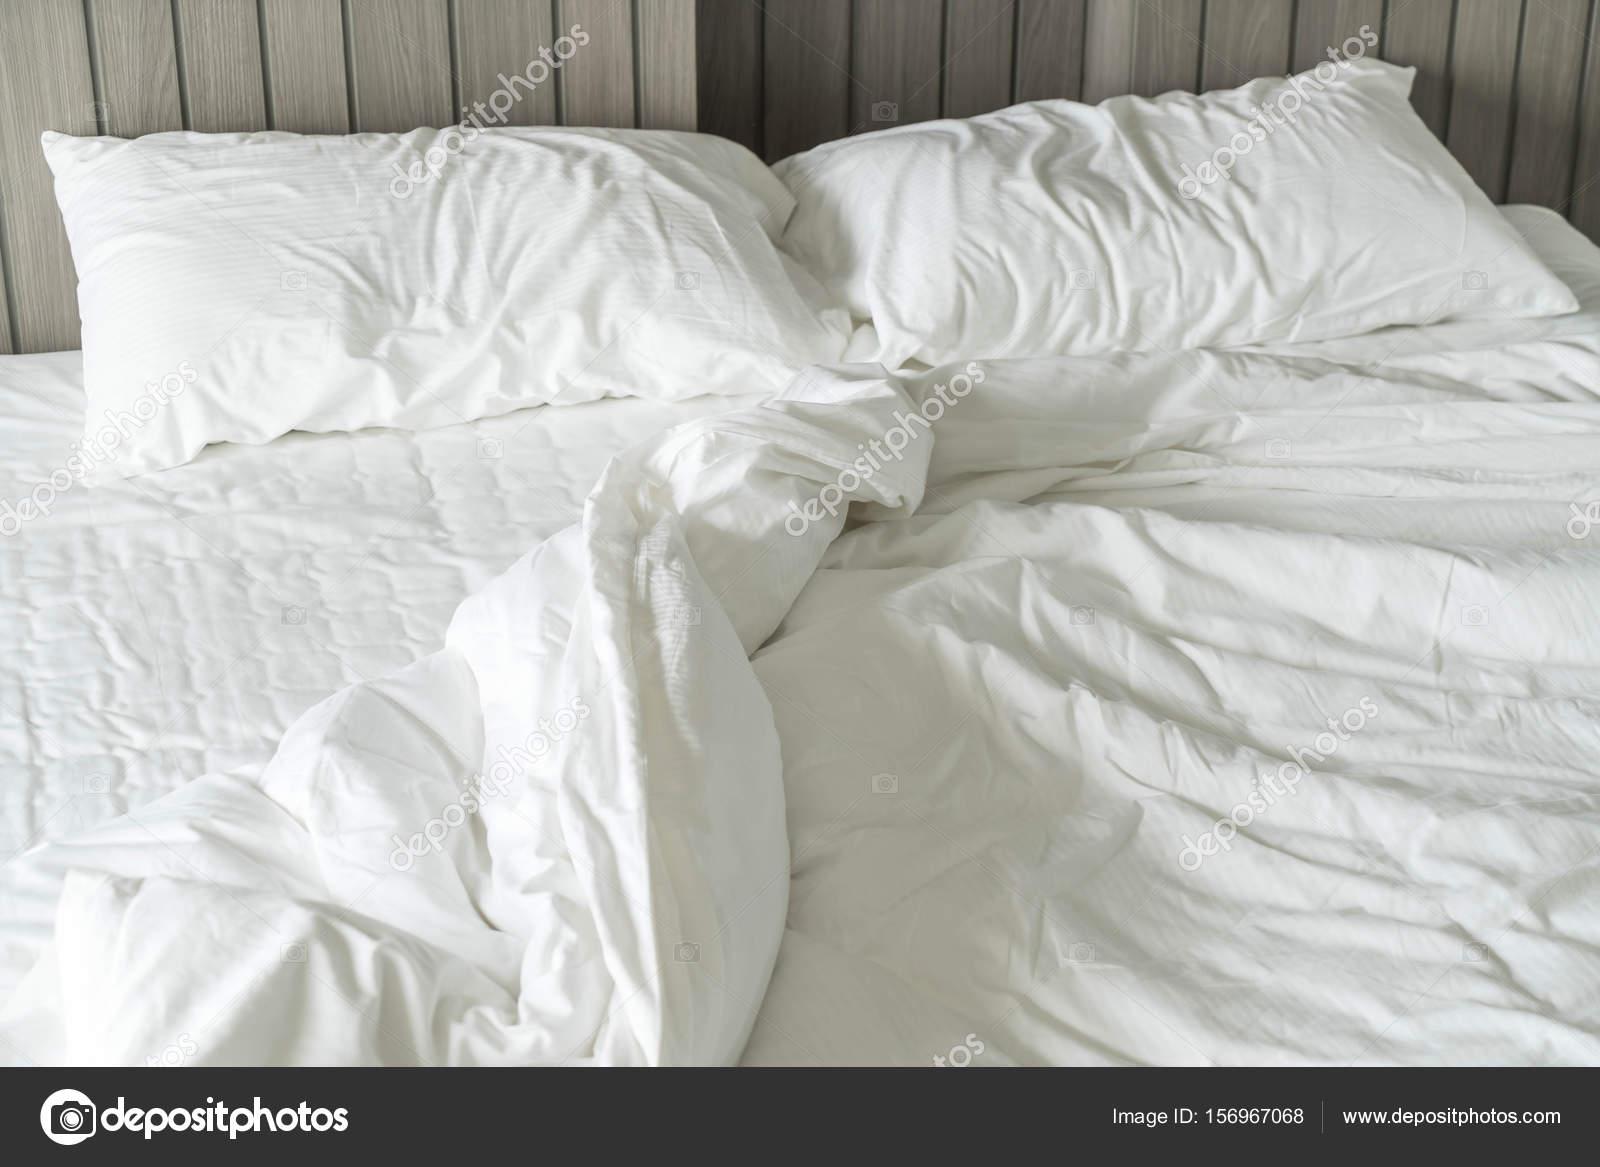 zerw hlten bett mit wei en chaotisch kissen dekoration im schlafzimmer stockfoto topntp. Black Bedroom Furniture Sets. Home Design Ideas